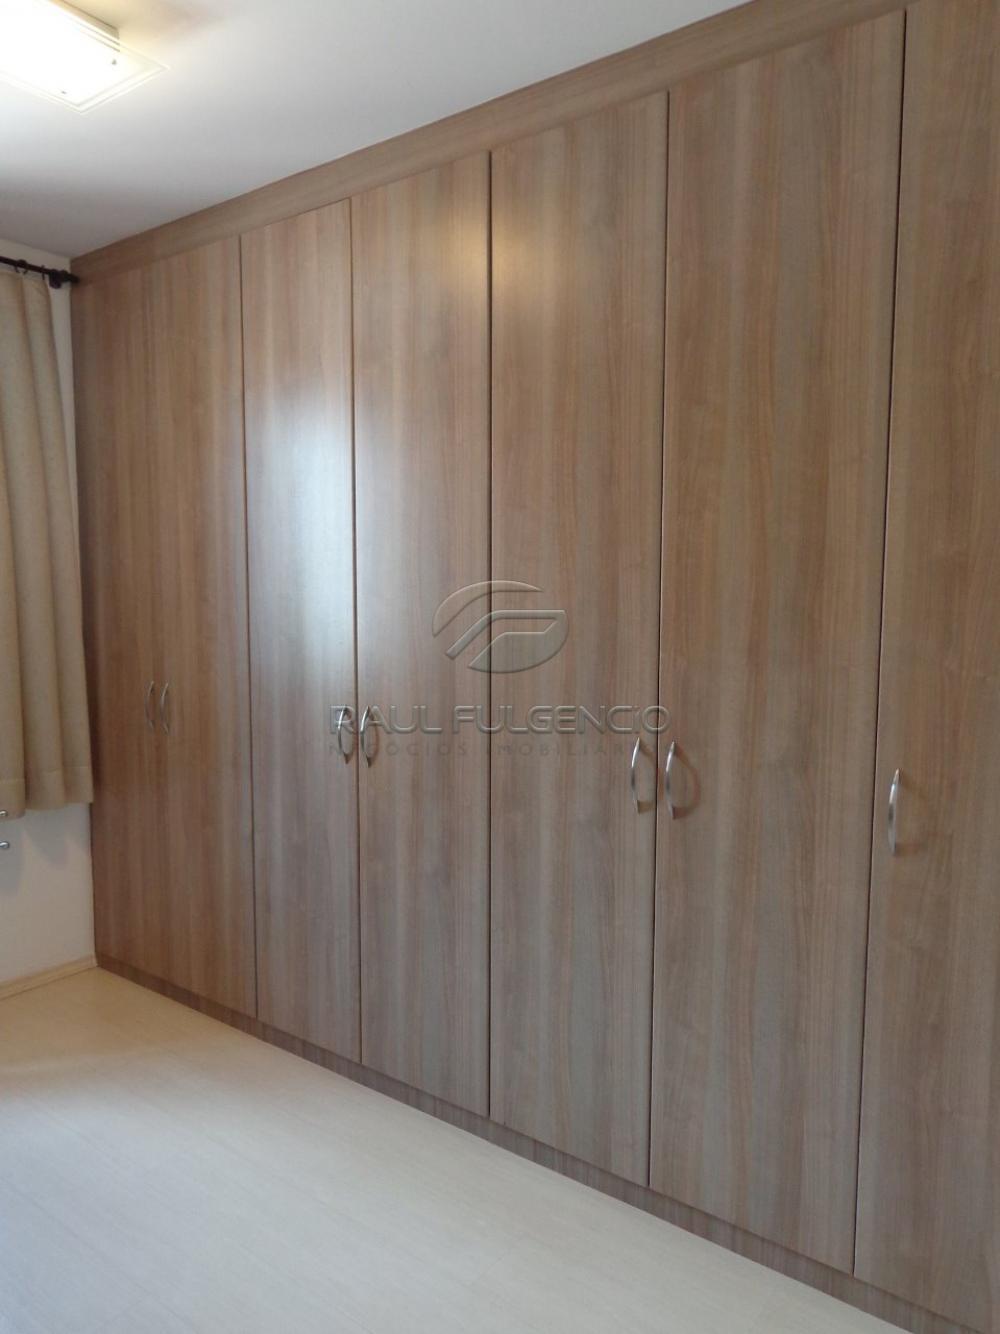 Comprar Apartamento / Cobertura em Londrina apenas R$ 760.000,00 - Foto 7